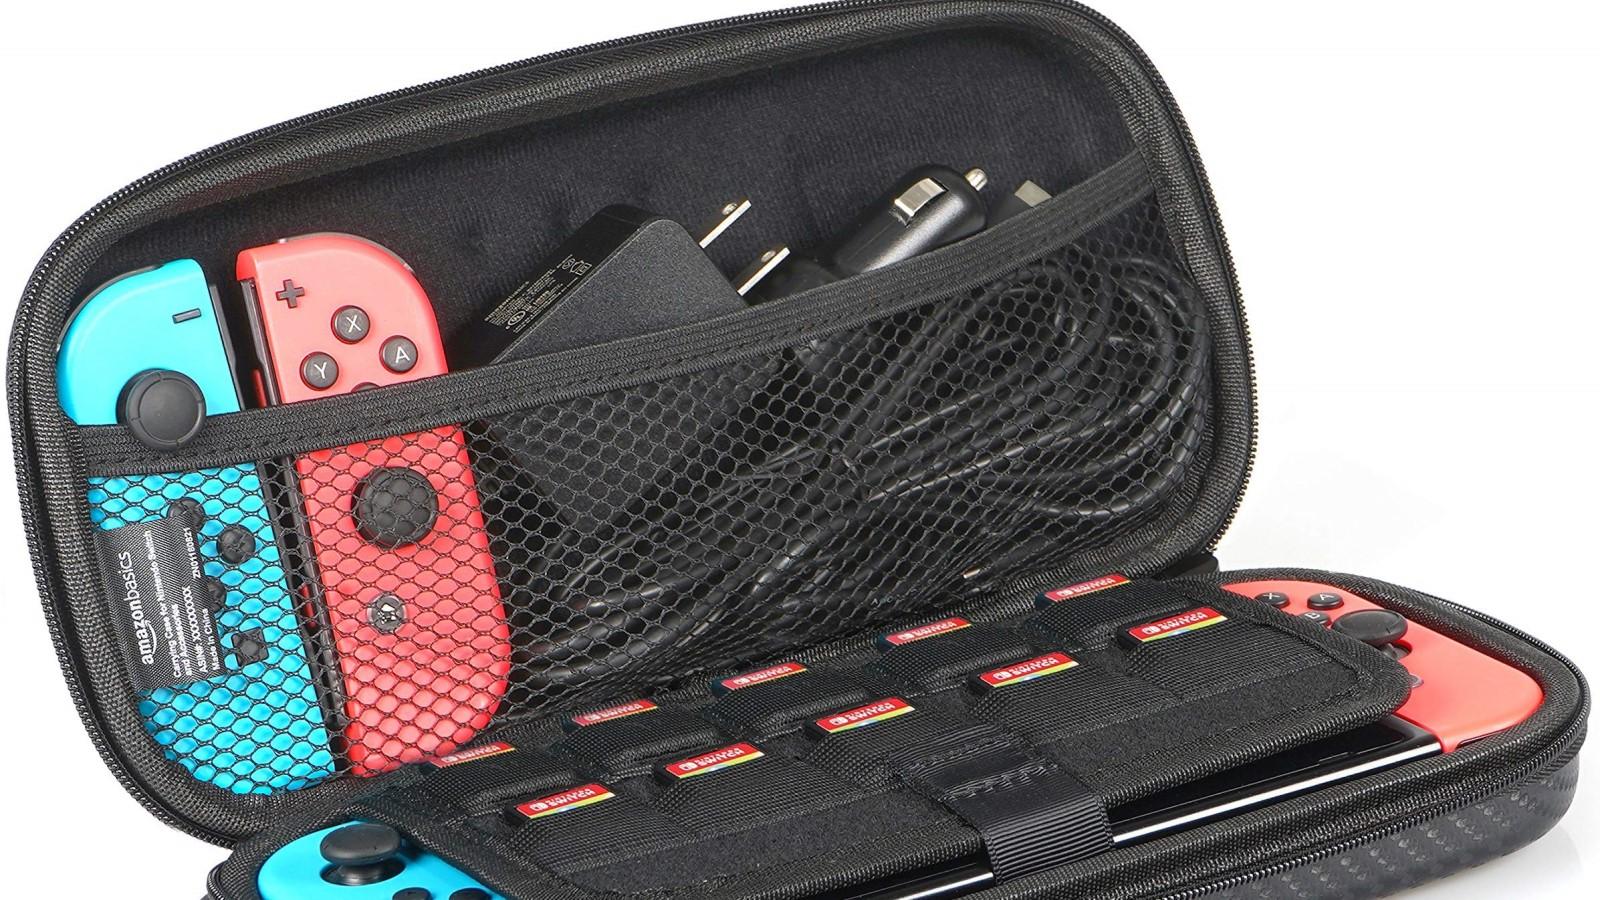 amazonbasics carrying case